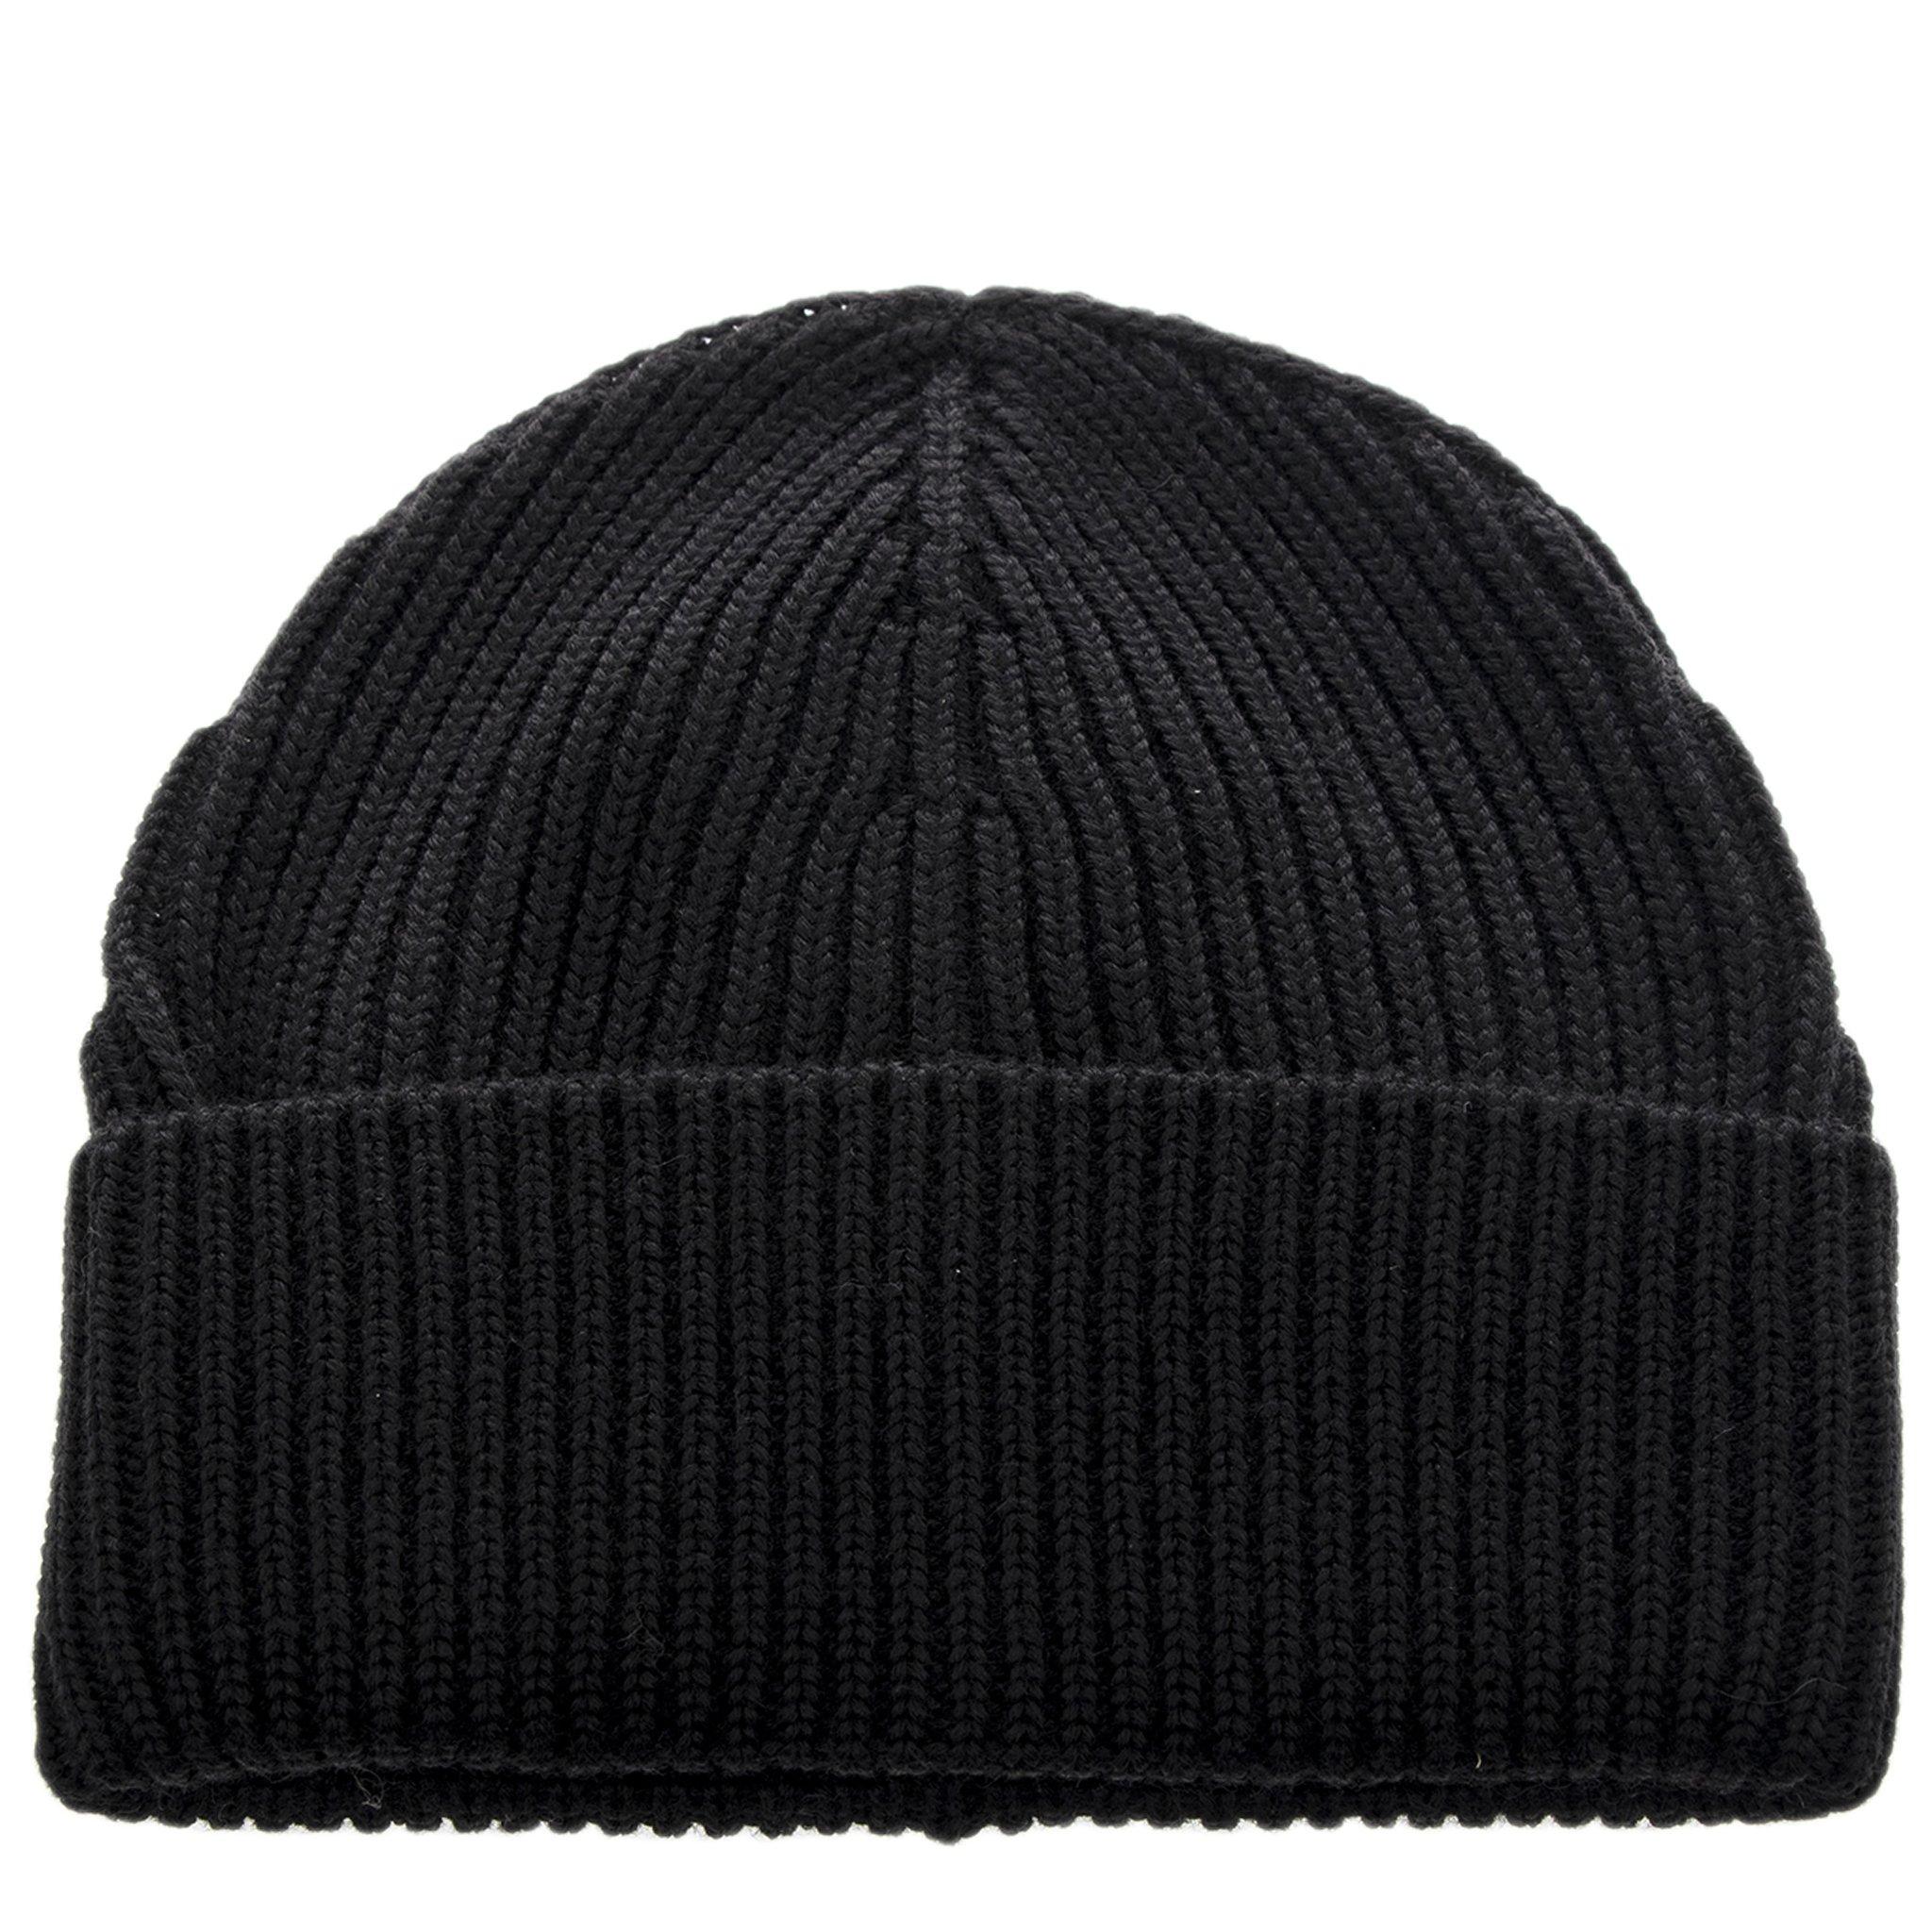 Maison Margiela Unisex Knit Beanie Size Medium Black